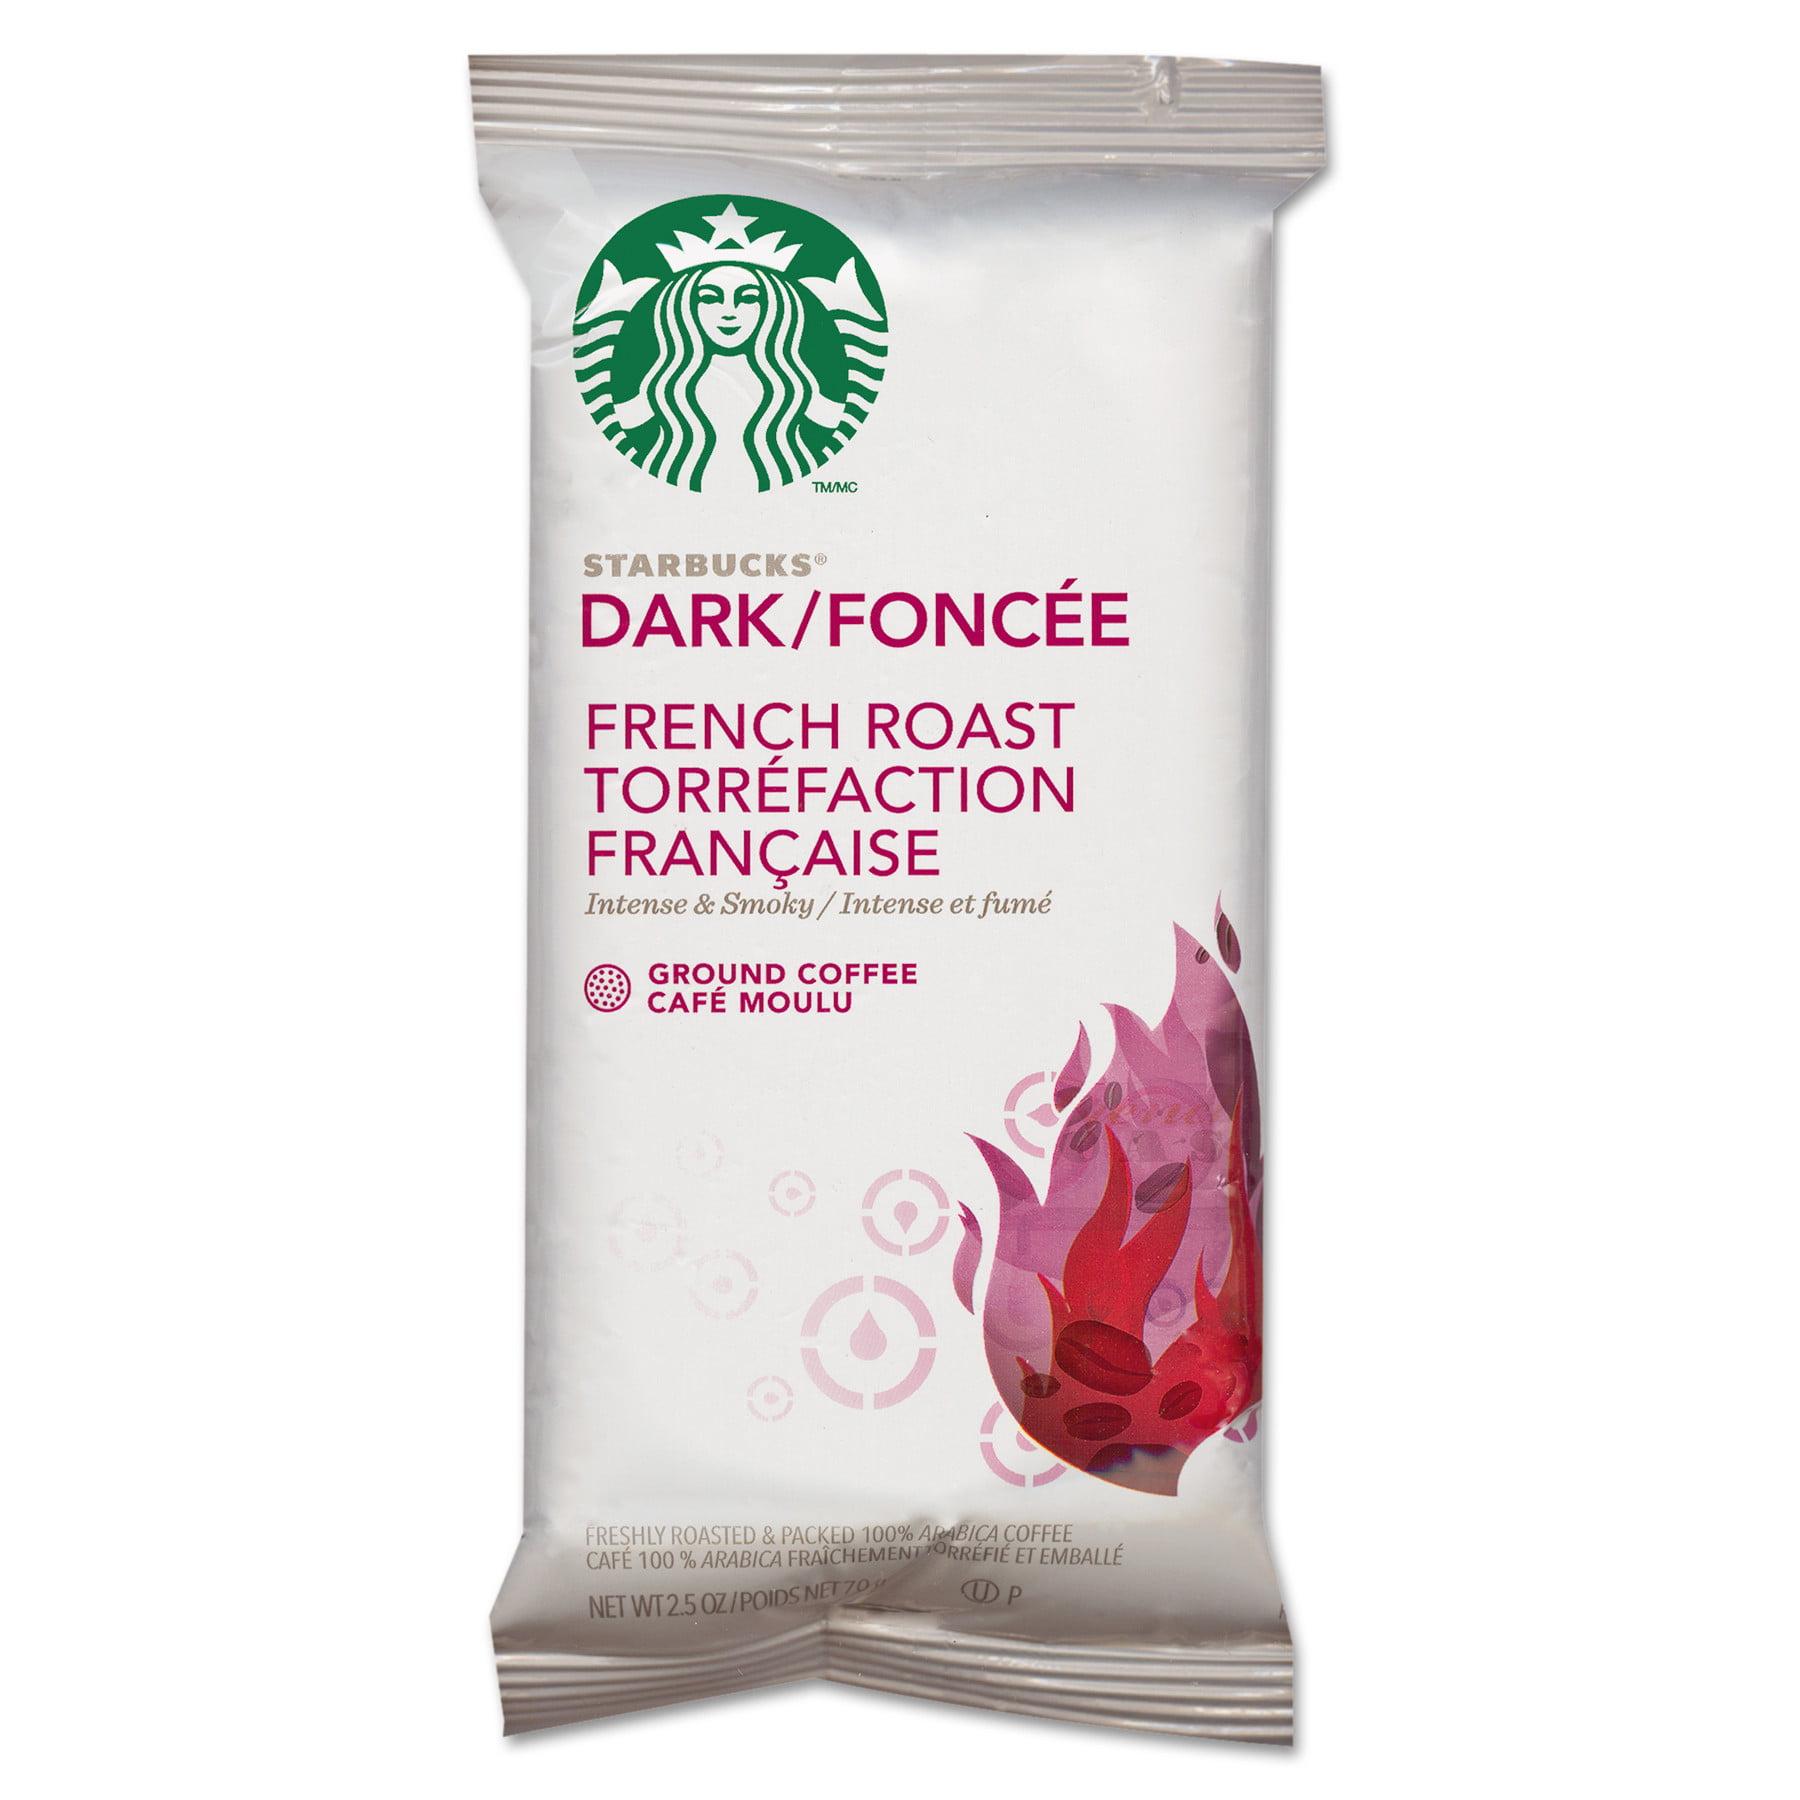 Starbucks Coffee, French Roast, 2.5oz Bag, 18 Bags Box by STARBUCKS COFFEE COMPANY